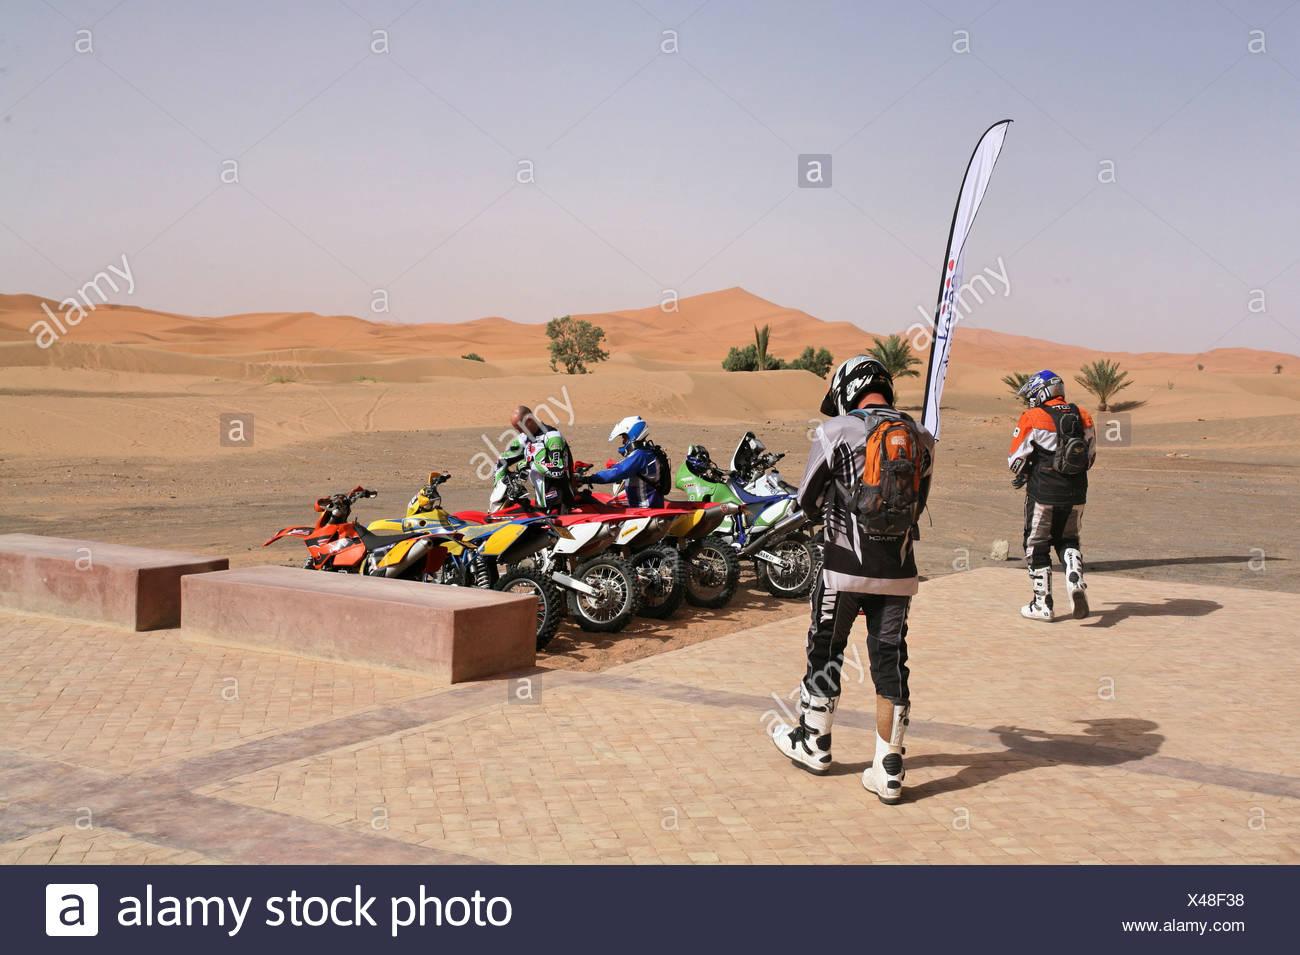 Motor Sport moto cross Enduro adventure Motrrad motocicli Motocicli Sahara Deserto Merzouga Marocco Africa Immagini Stock